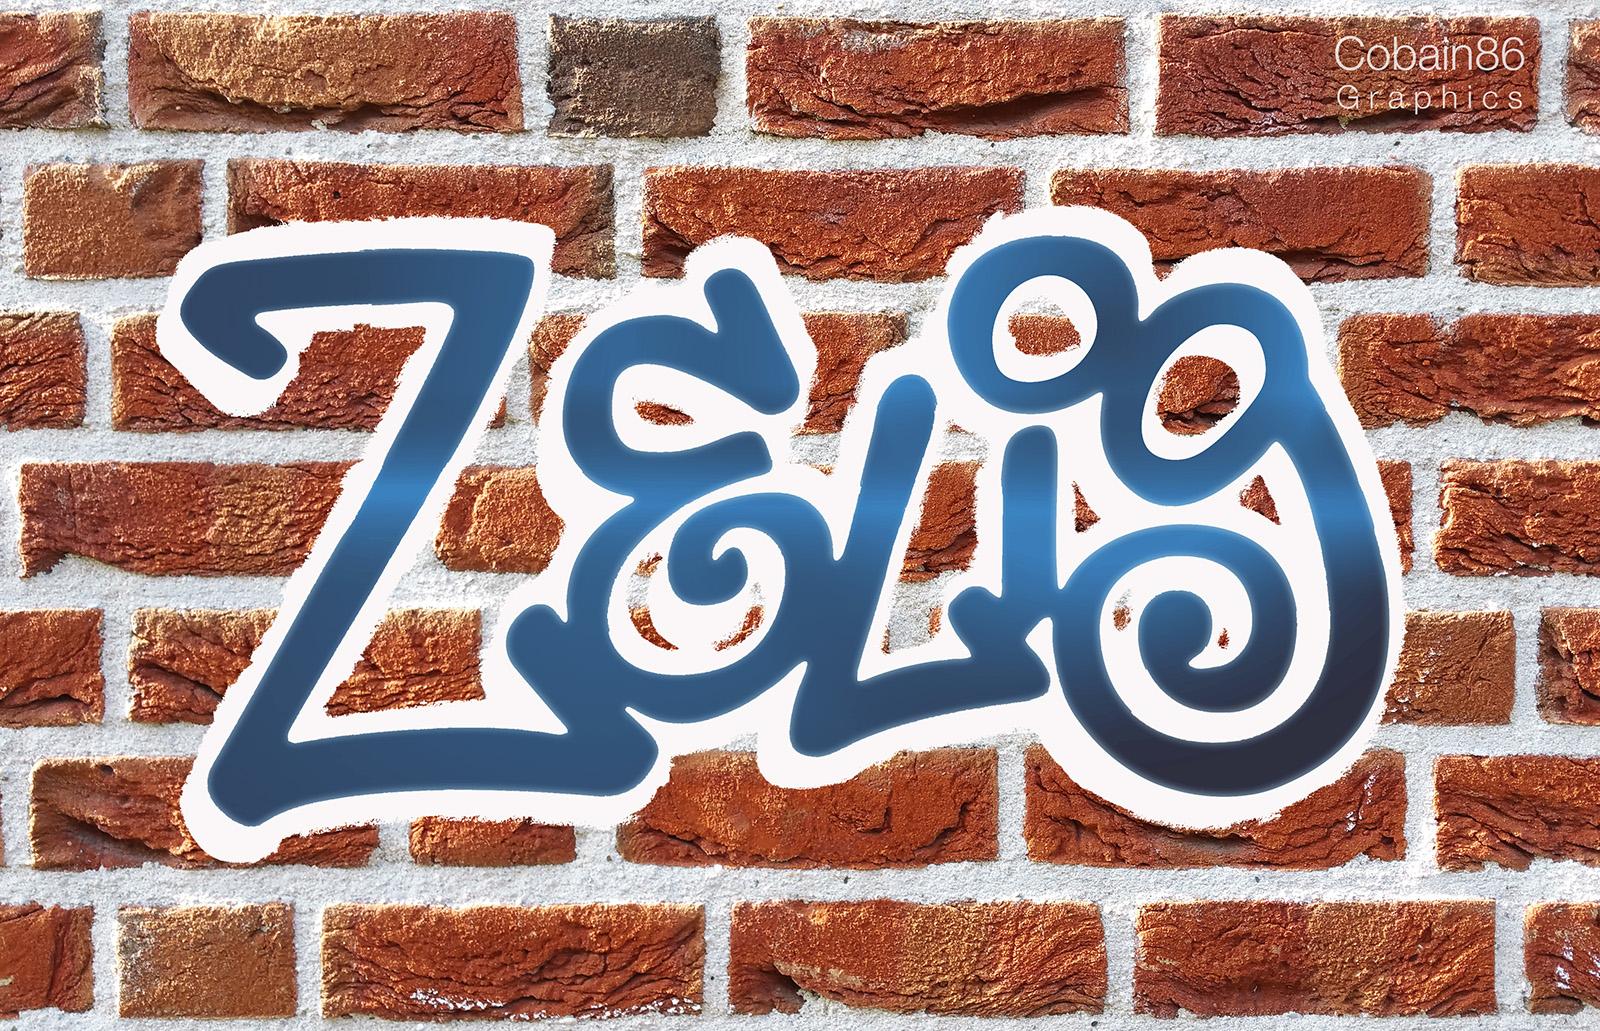 muro_zelig_Cobain86